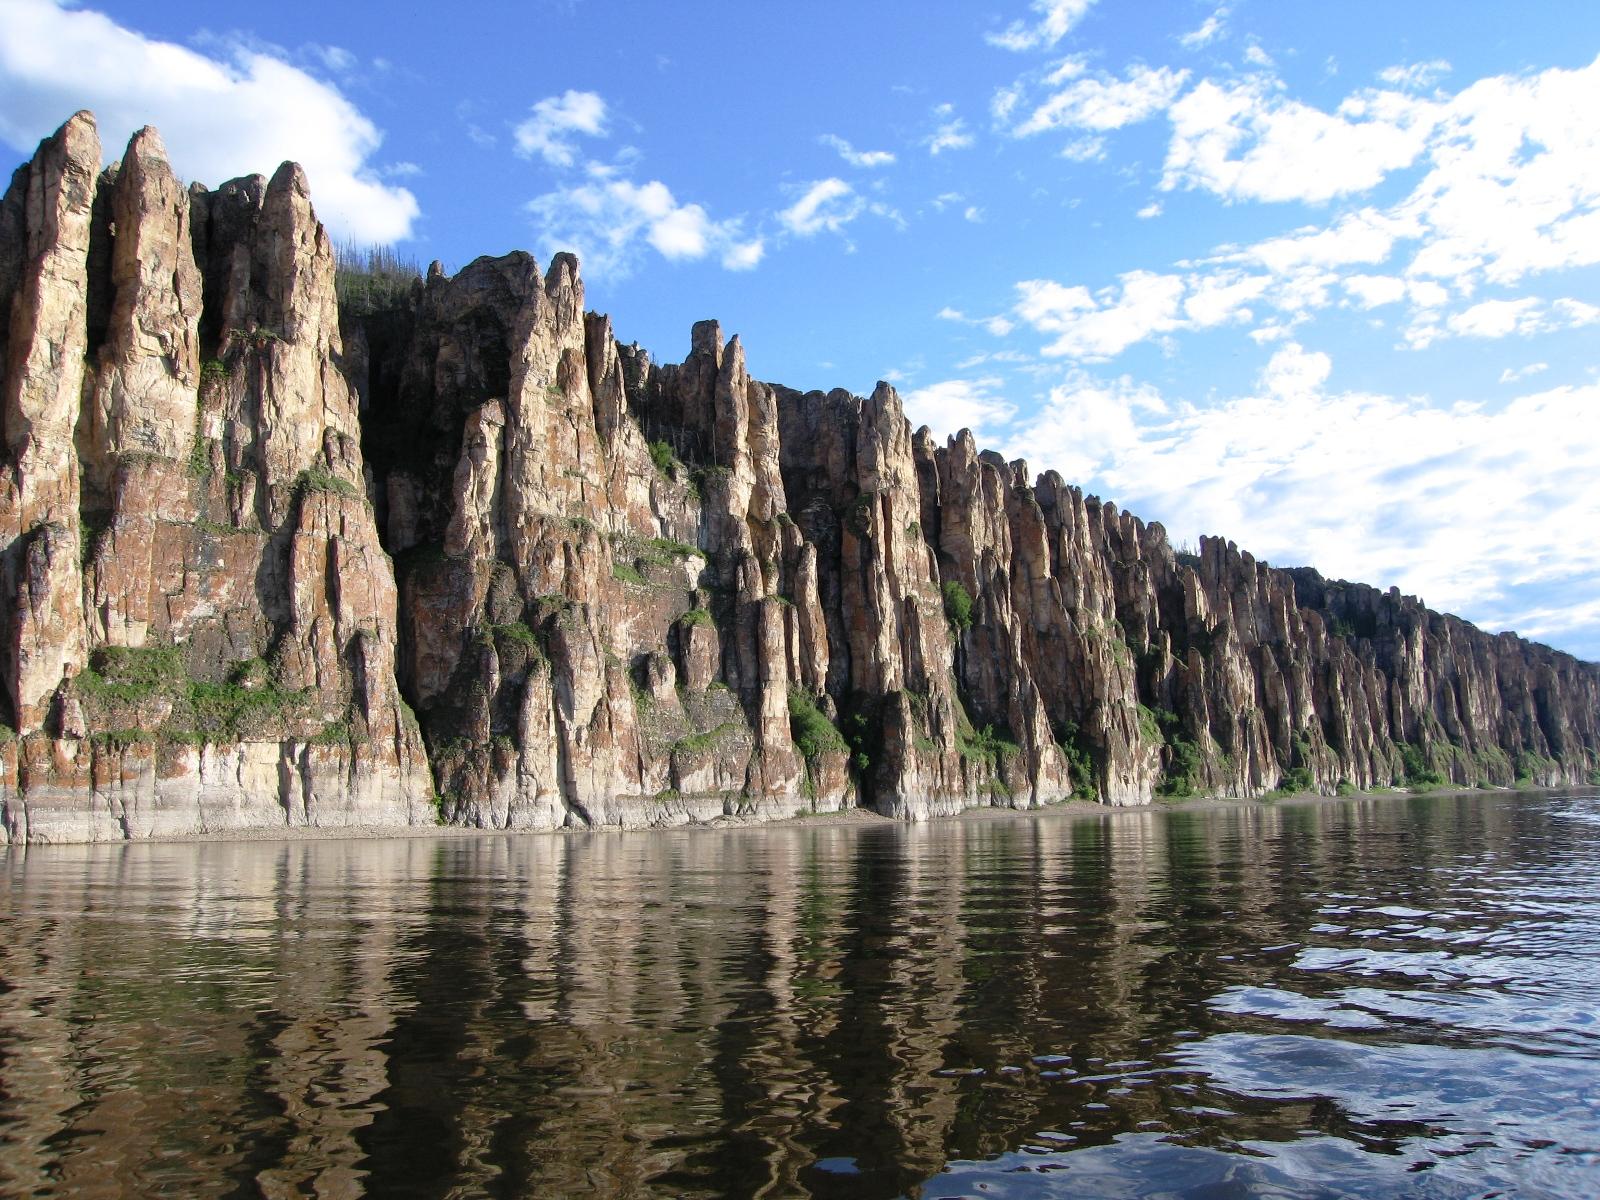 Топ-7 лучших российских природных мест для отличного путешествия